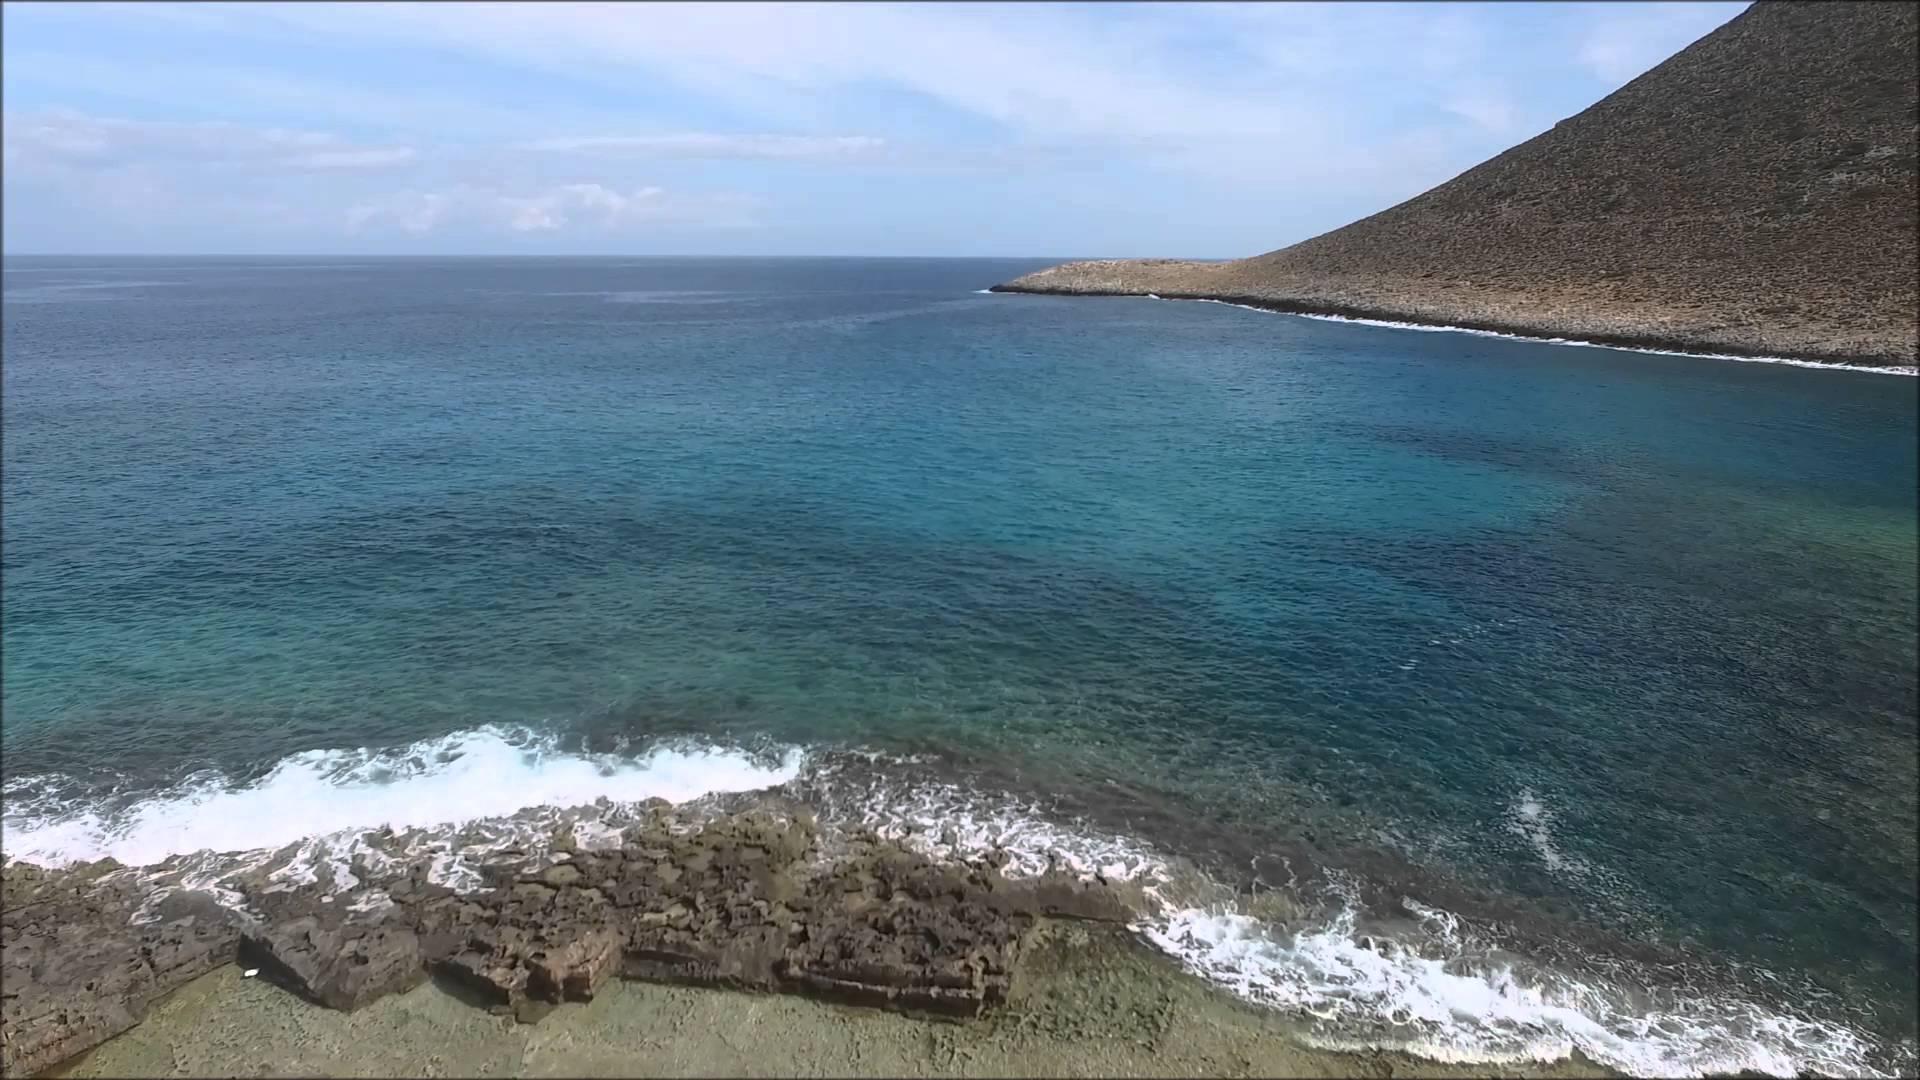 Scenes from crete photo